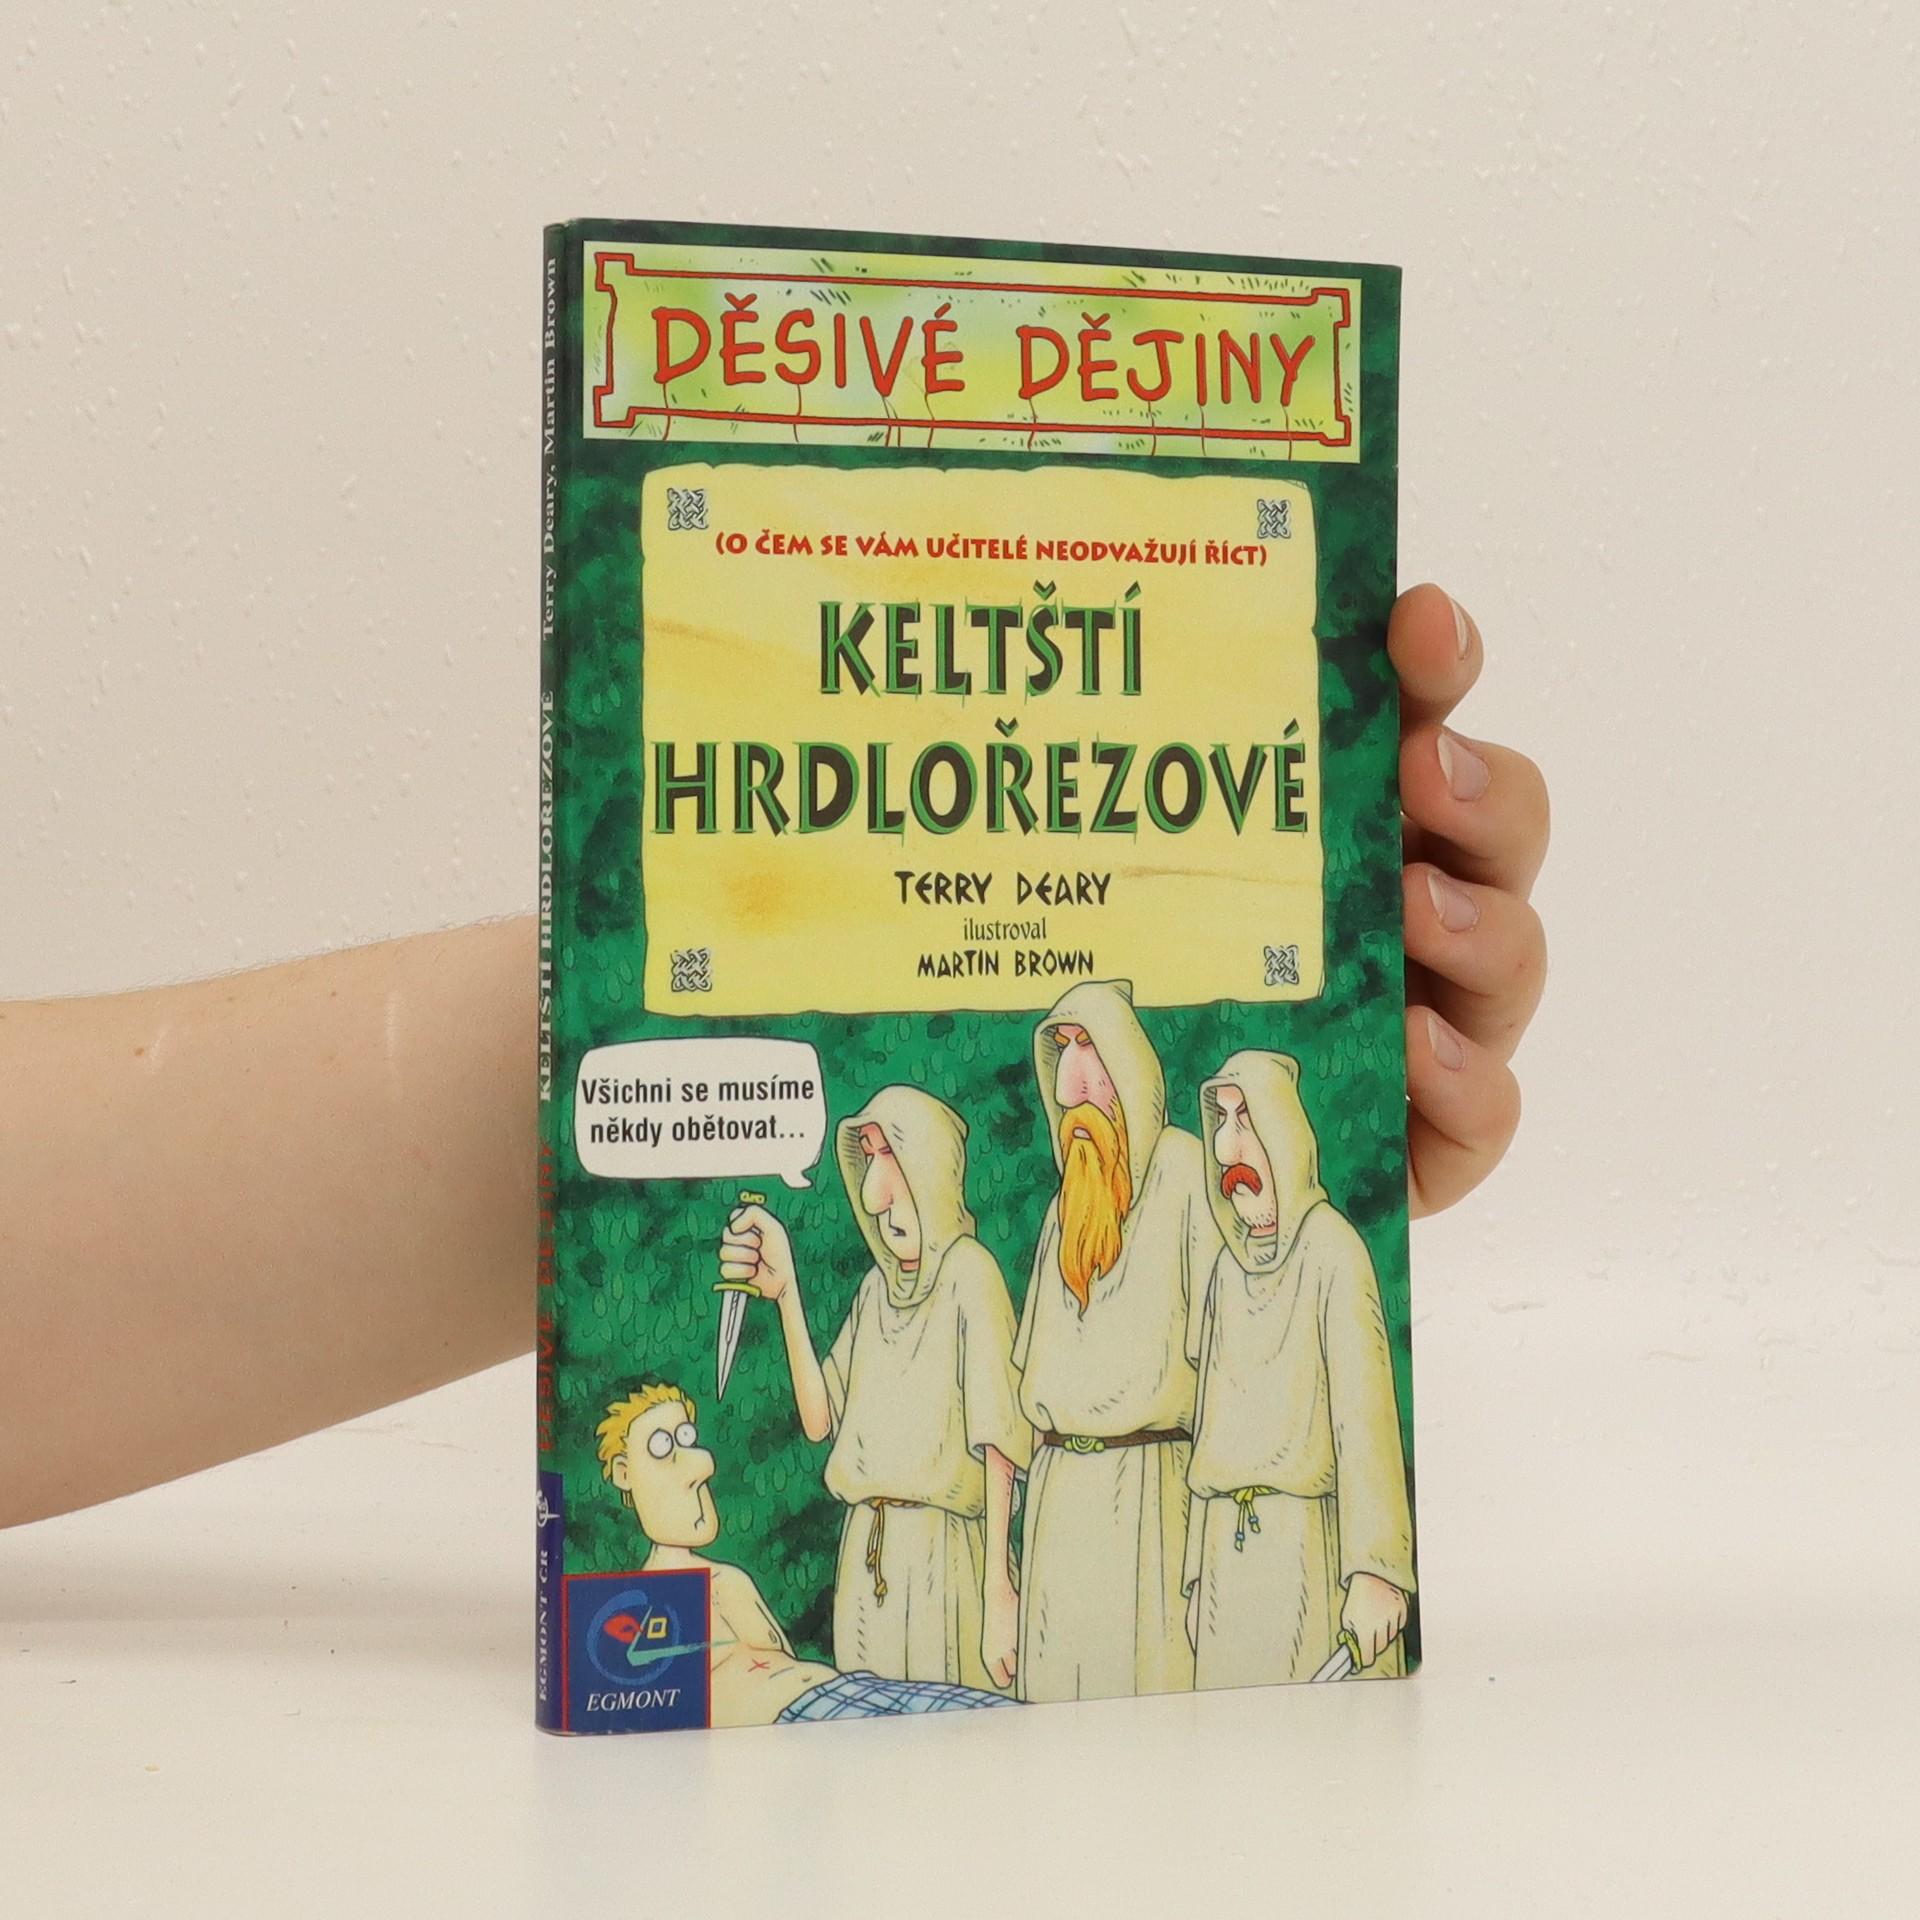 antikvární kniha Keltští hrdlořezové. Děsivé dějiny, 2002